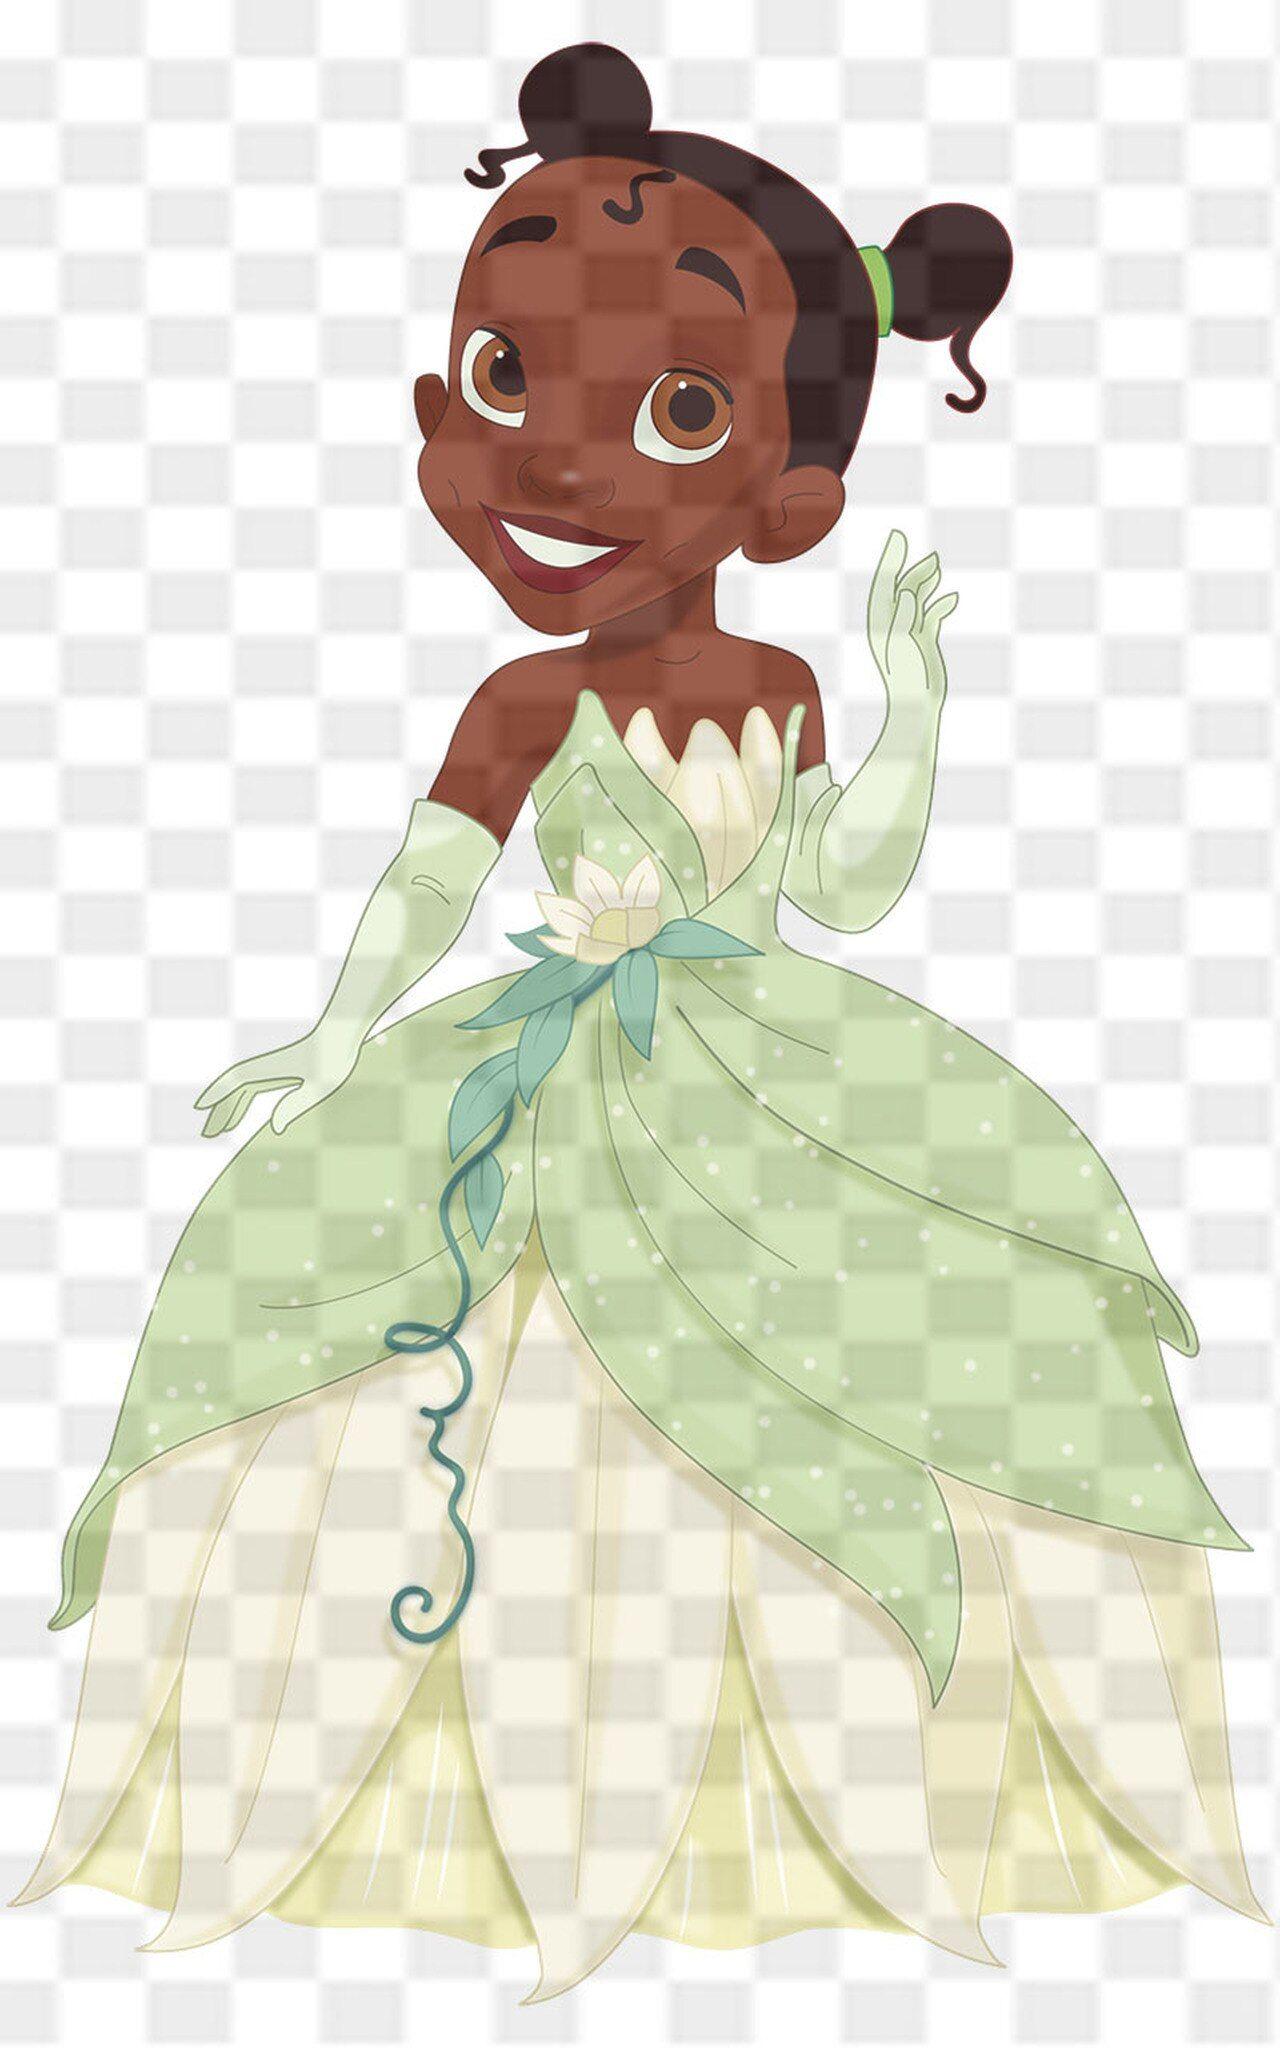 Princess Tiana And Prince Naveen As A Frog Princess Tiana Disney Princess Art Disney Princess Tiana